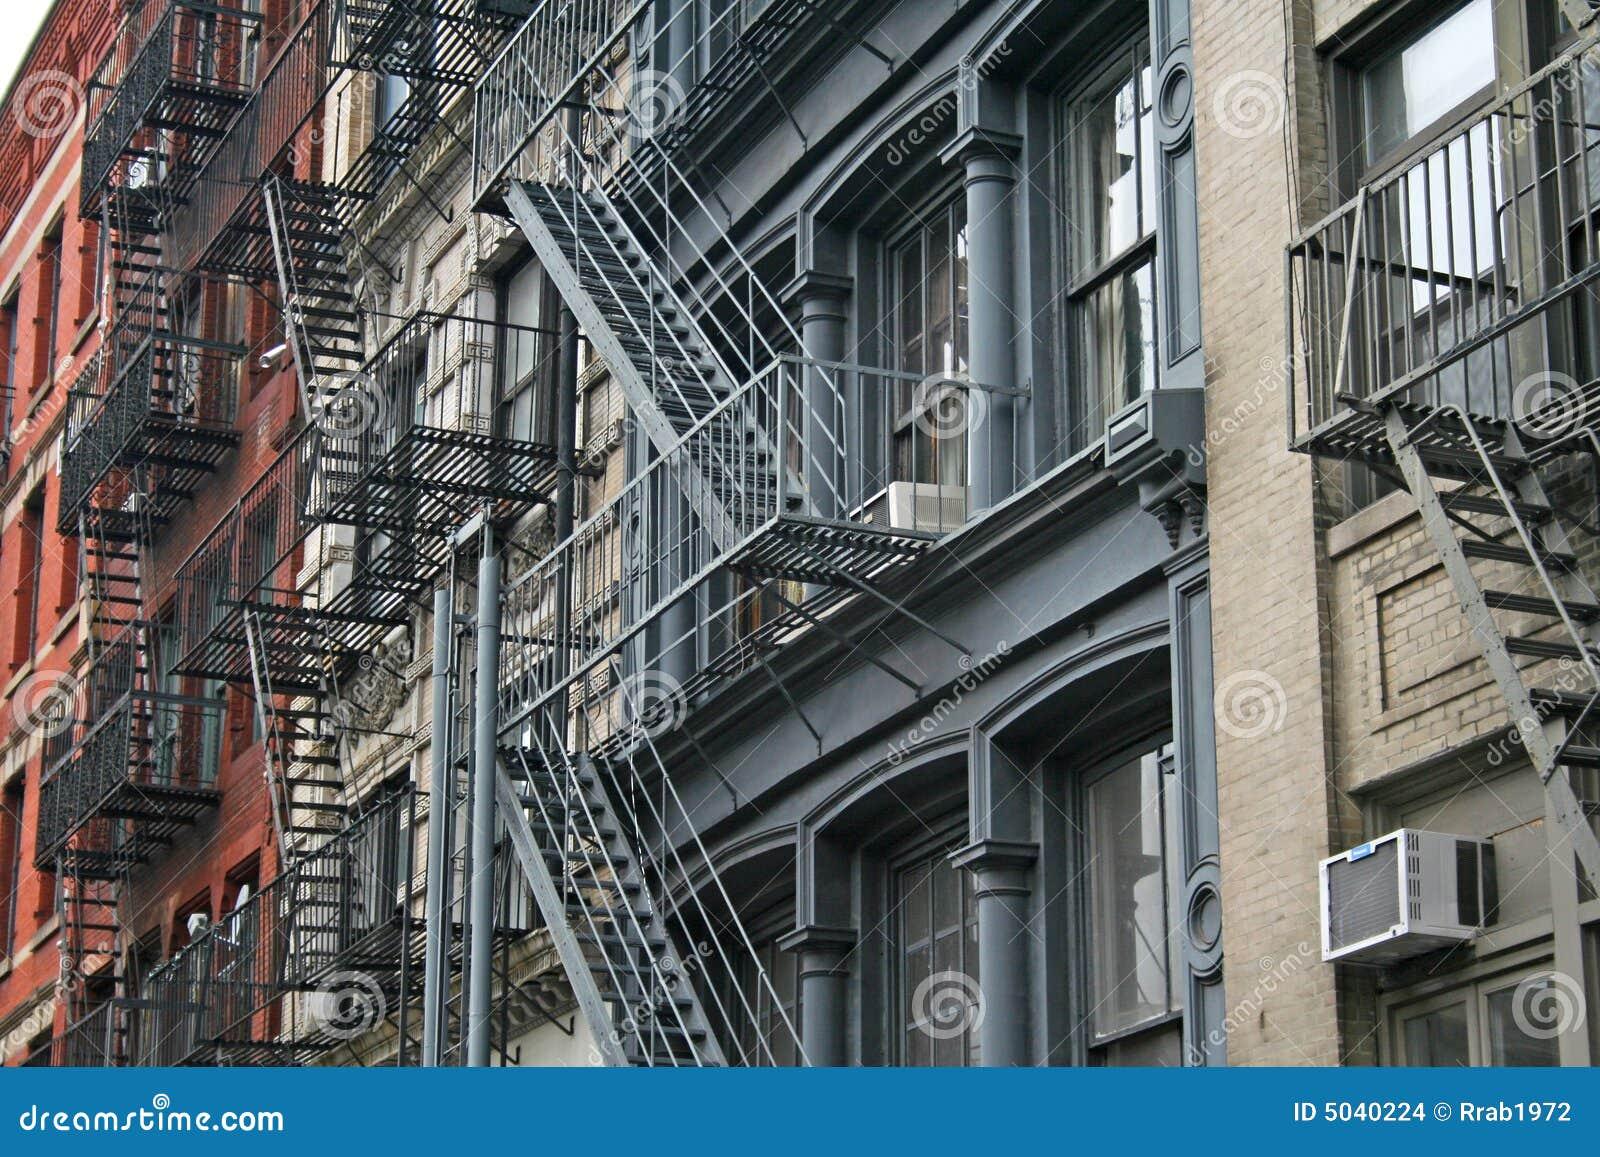 Fire escape New York